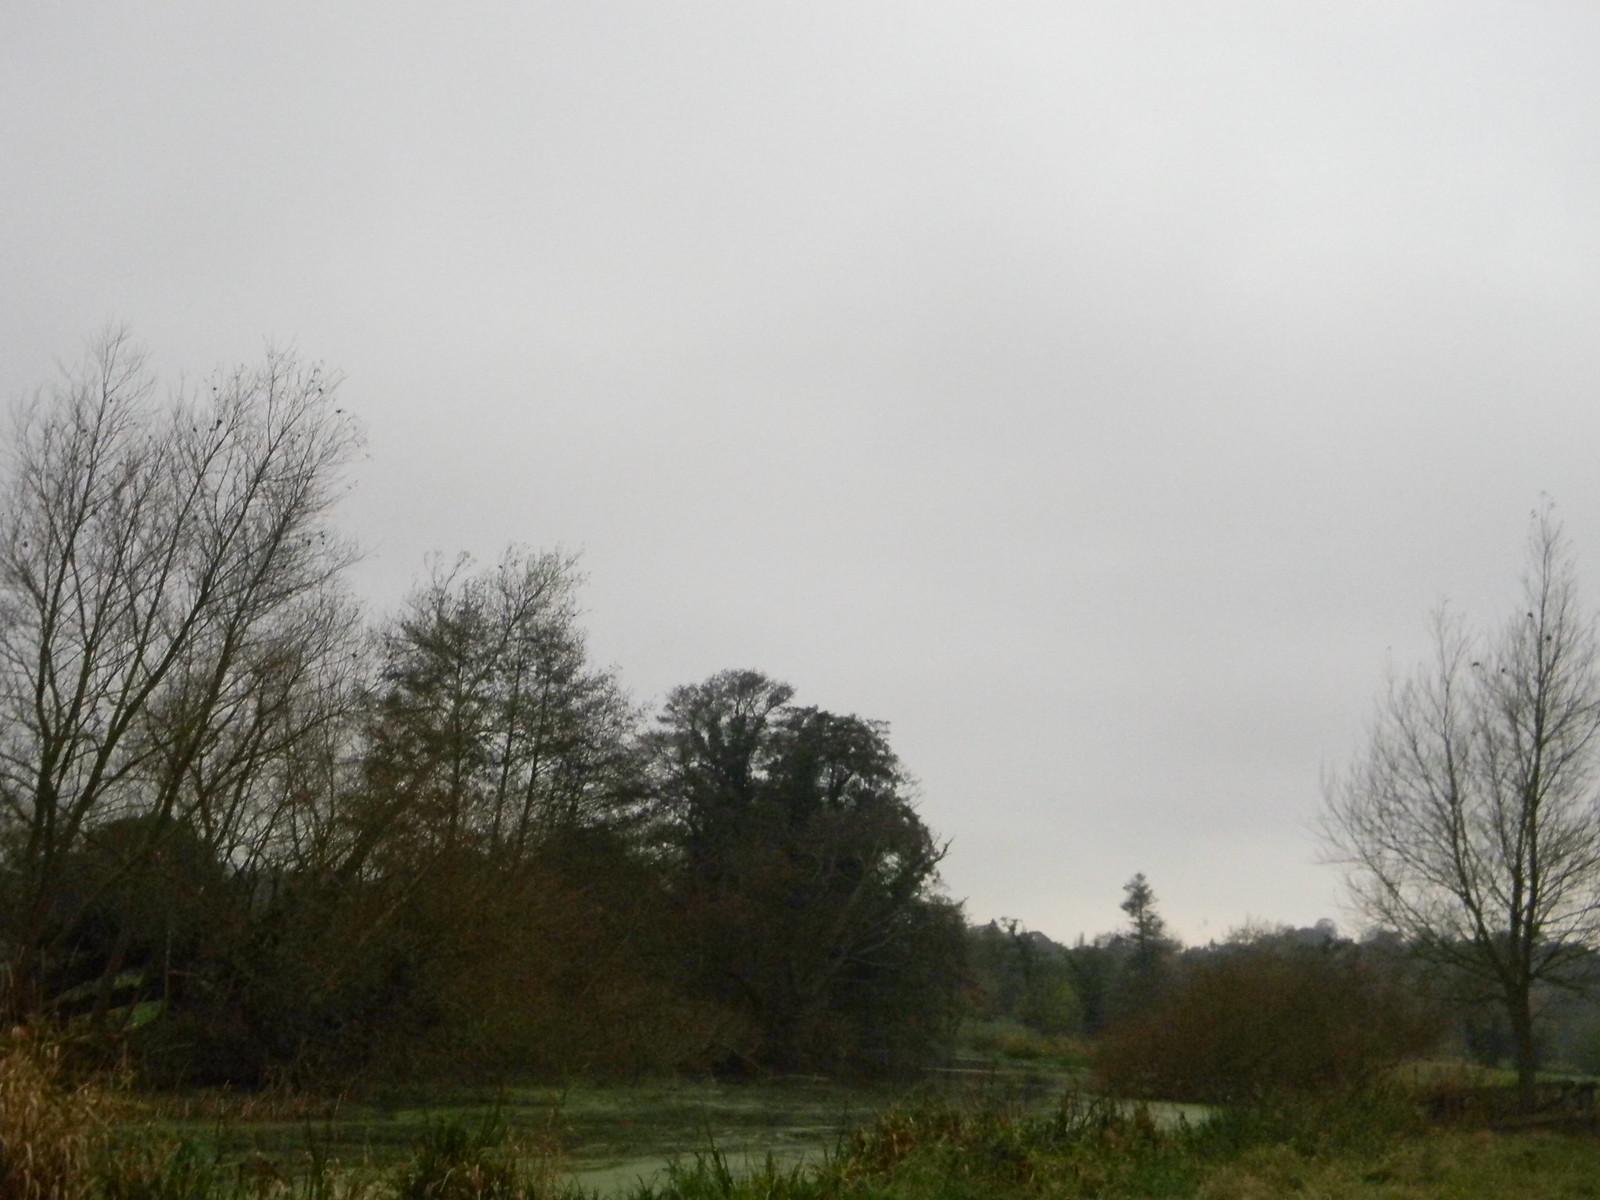 The Stour Manningtree Circular